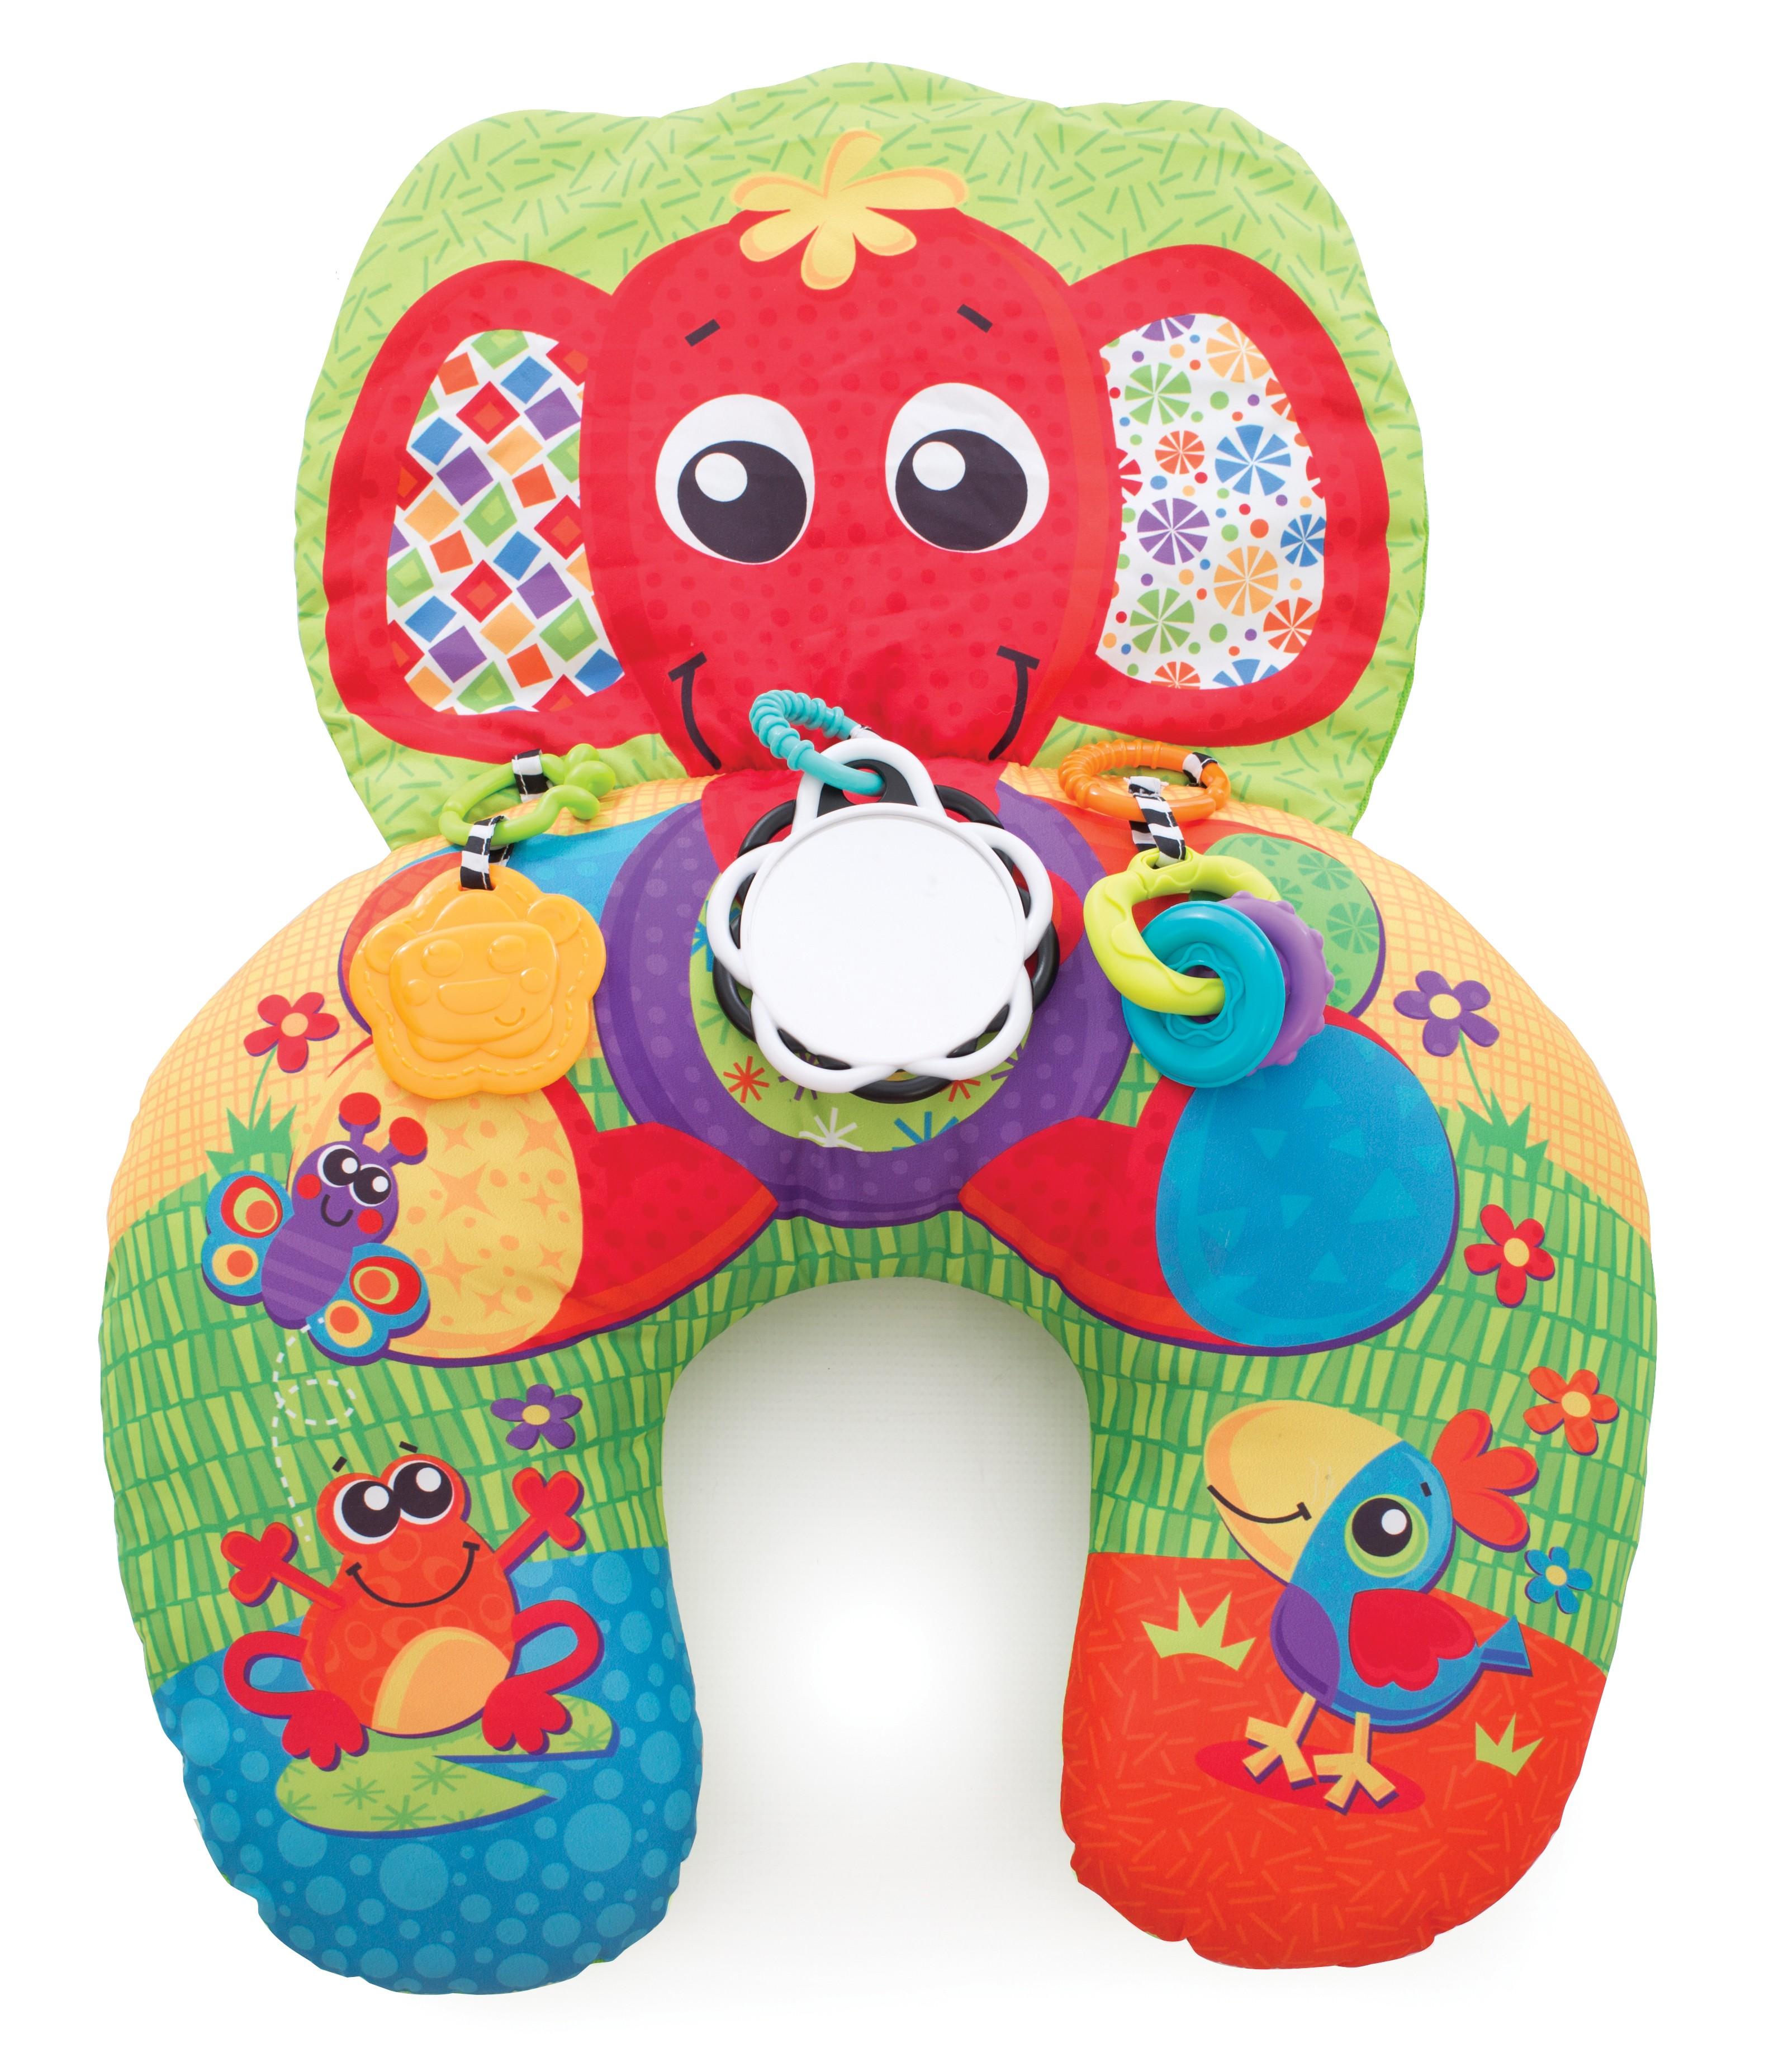 Playgro Elefant krammepude